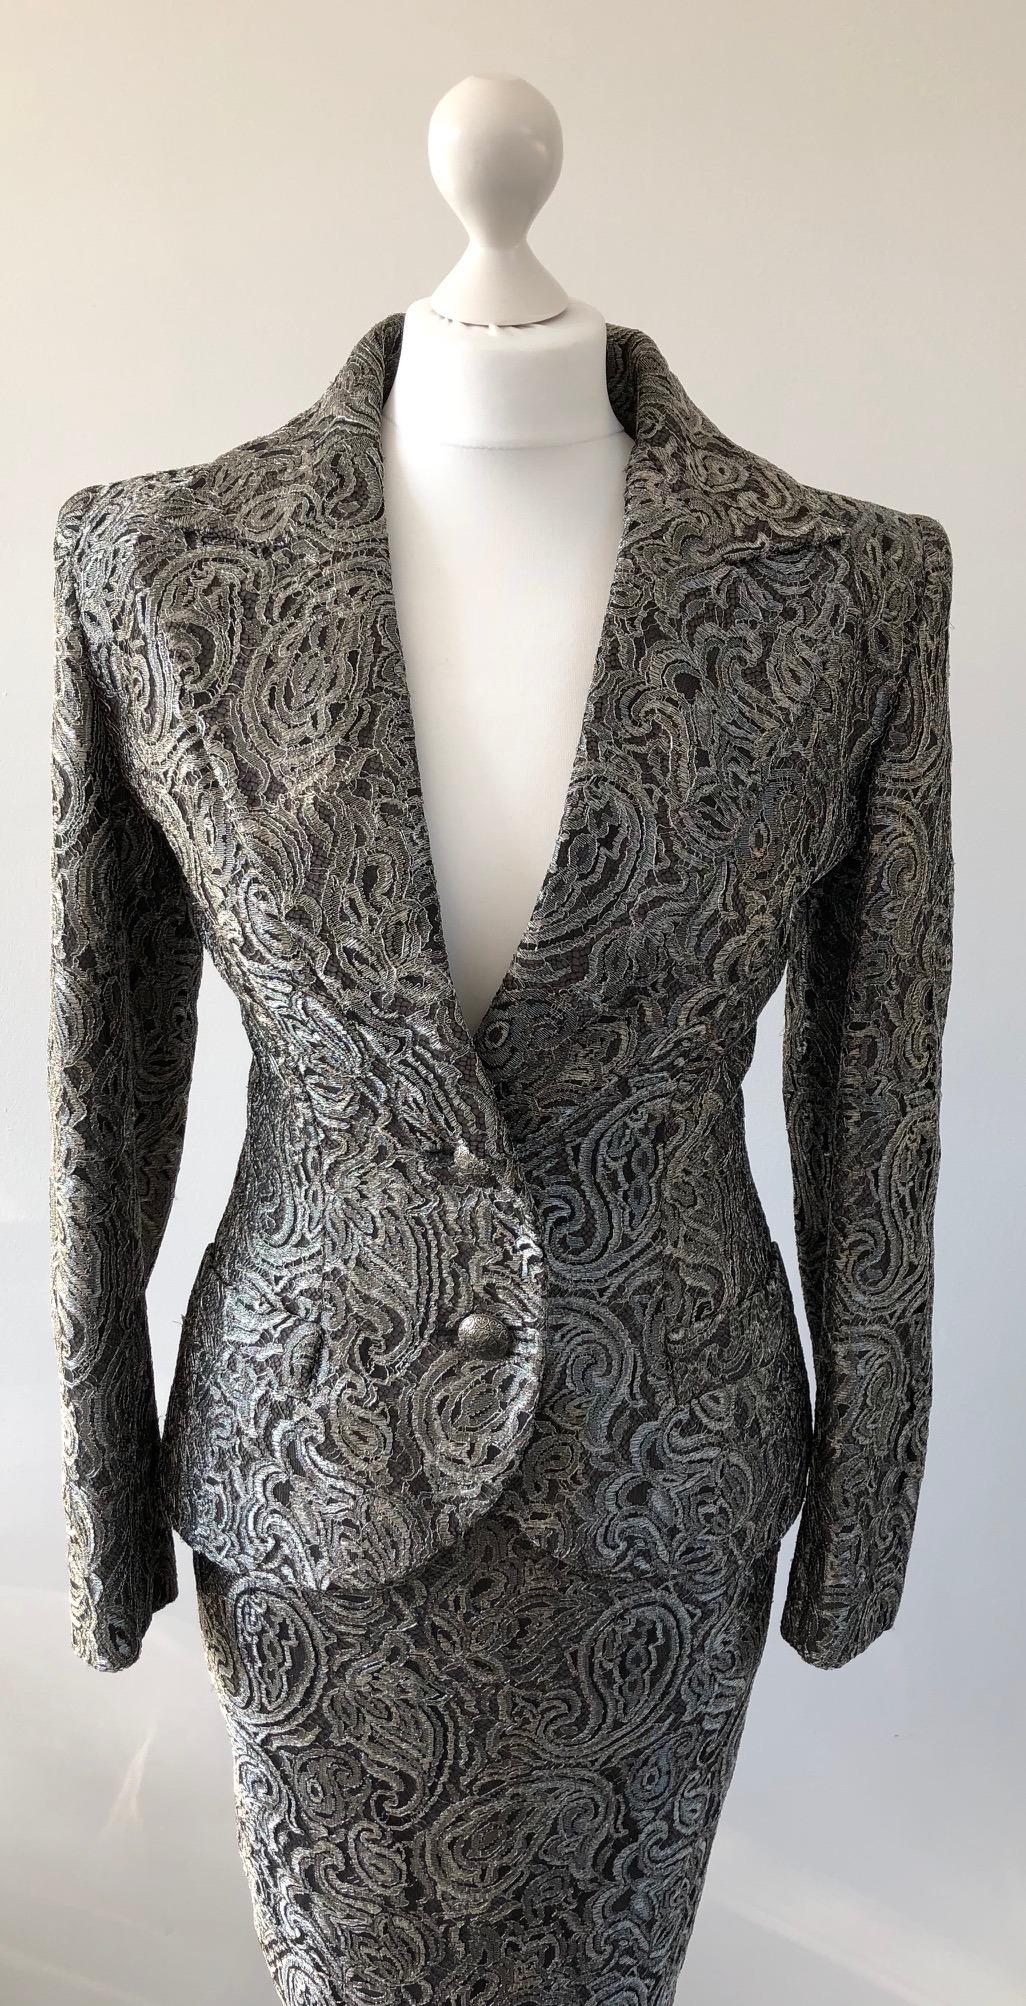 ae2ca82199 JEAN-LOUIS SCHERRER Amazing Silver Brocade Evening Jacket Skirt Suit